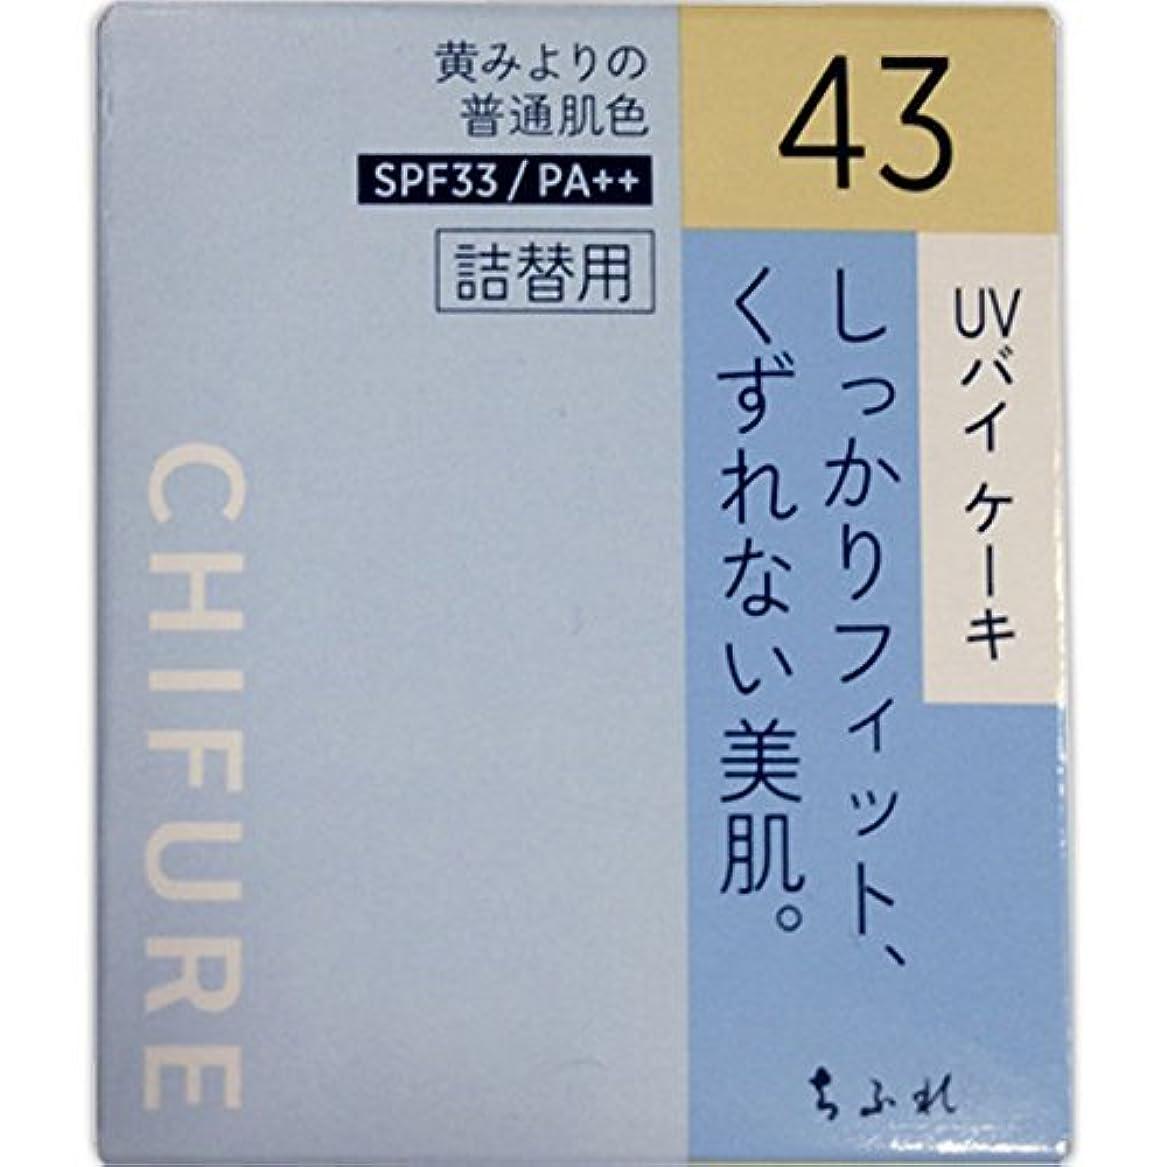 反応するカスケードライラックちふれ化粧品 UV バイ ケーキ 詰替用 43 黄みよりの普通肌色 43